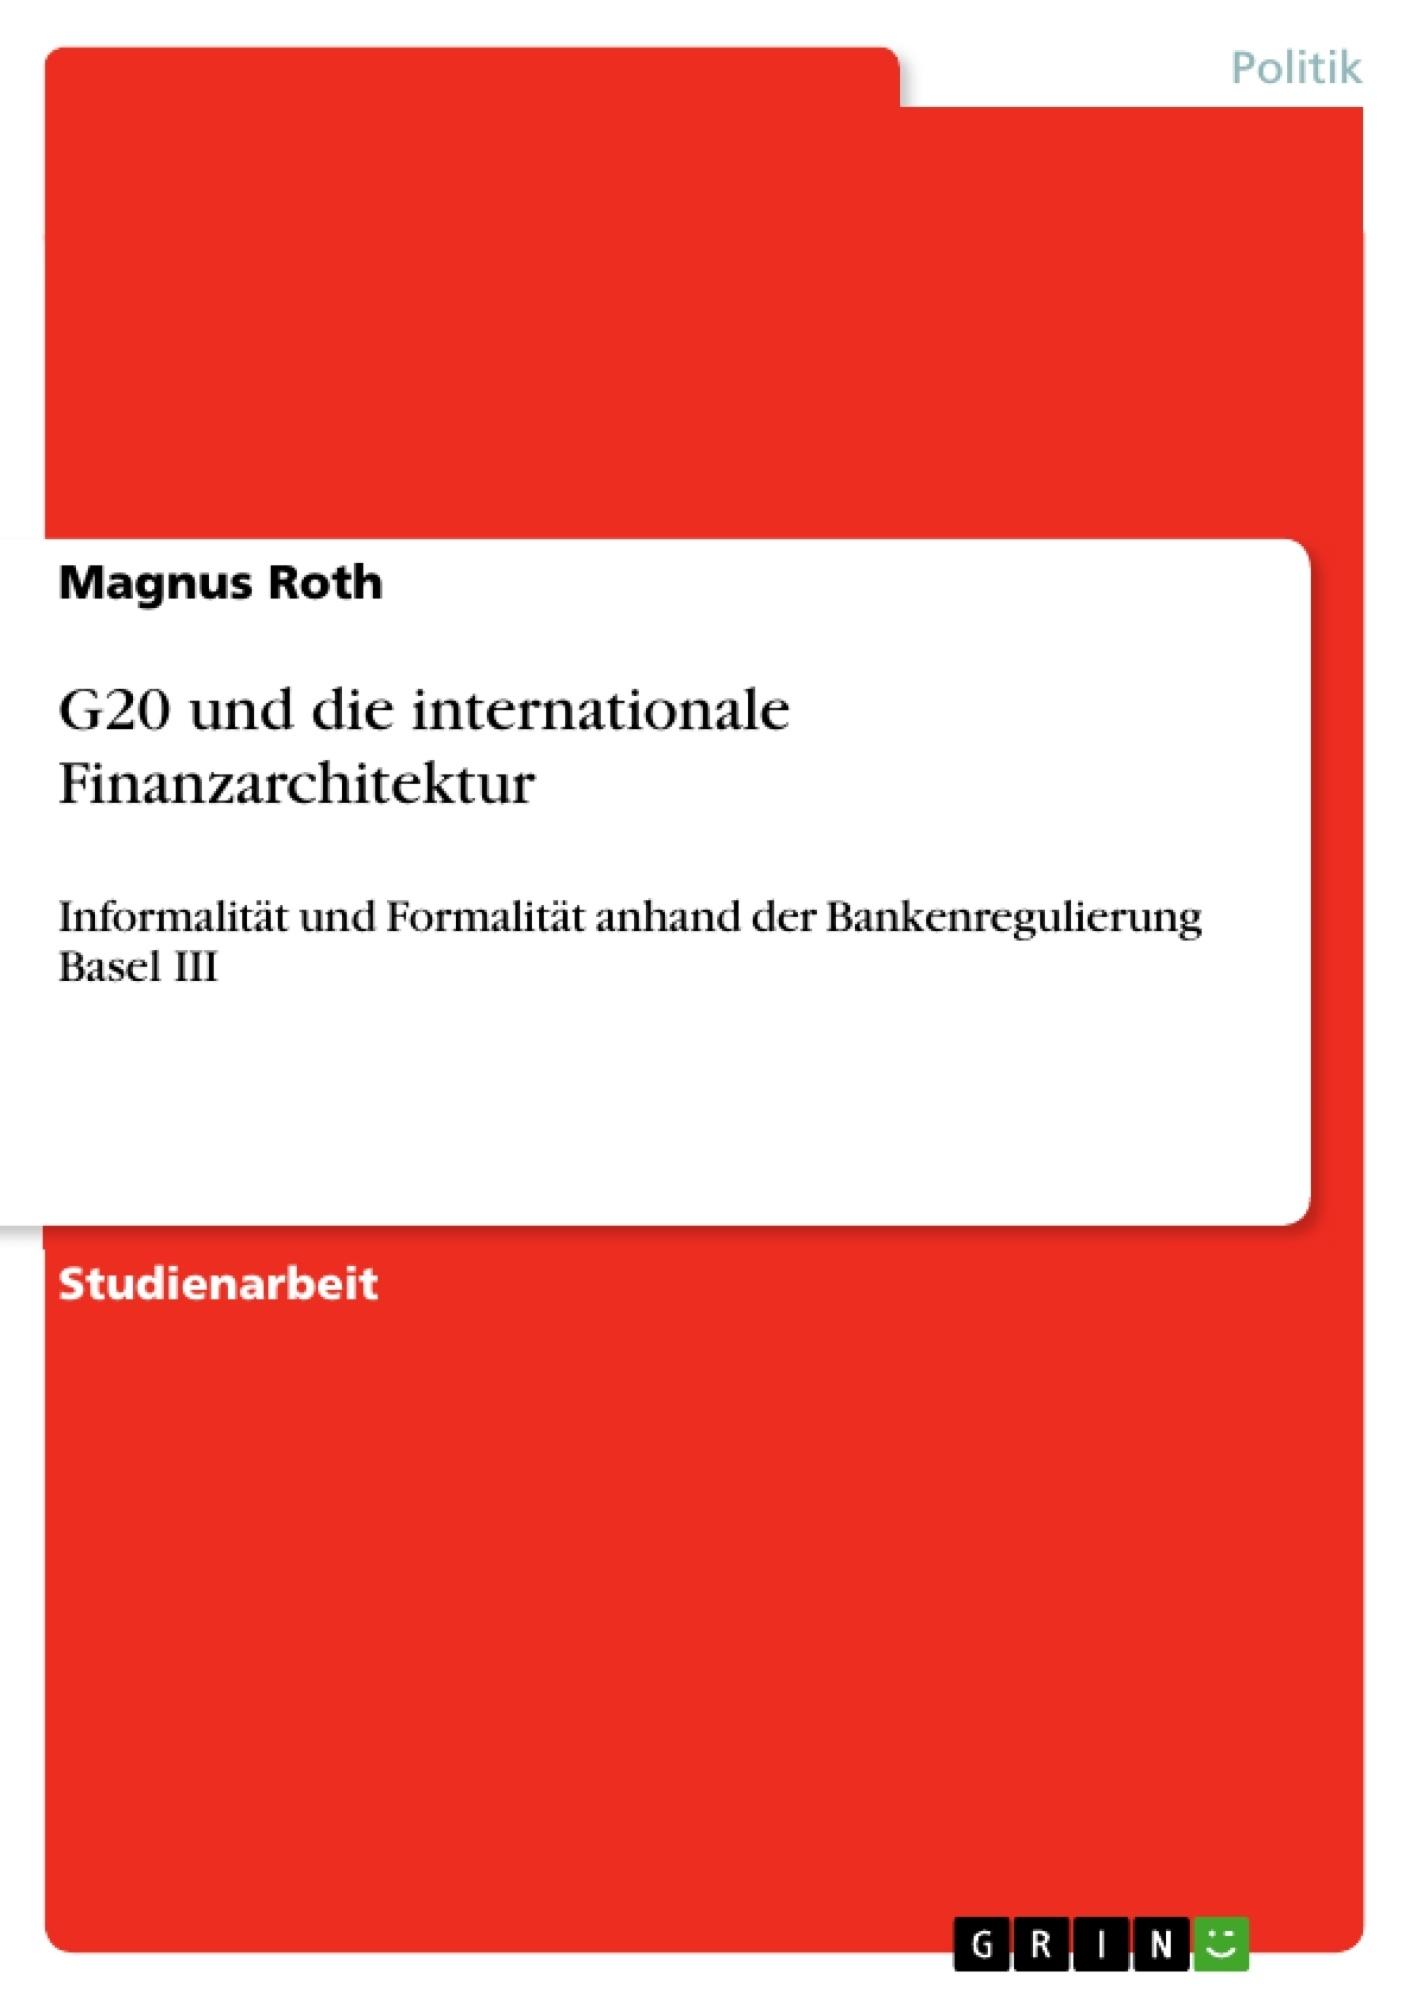 Titel: G20 und die internationale Finanzarchitektur